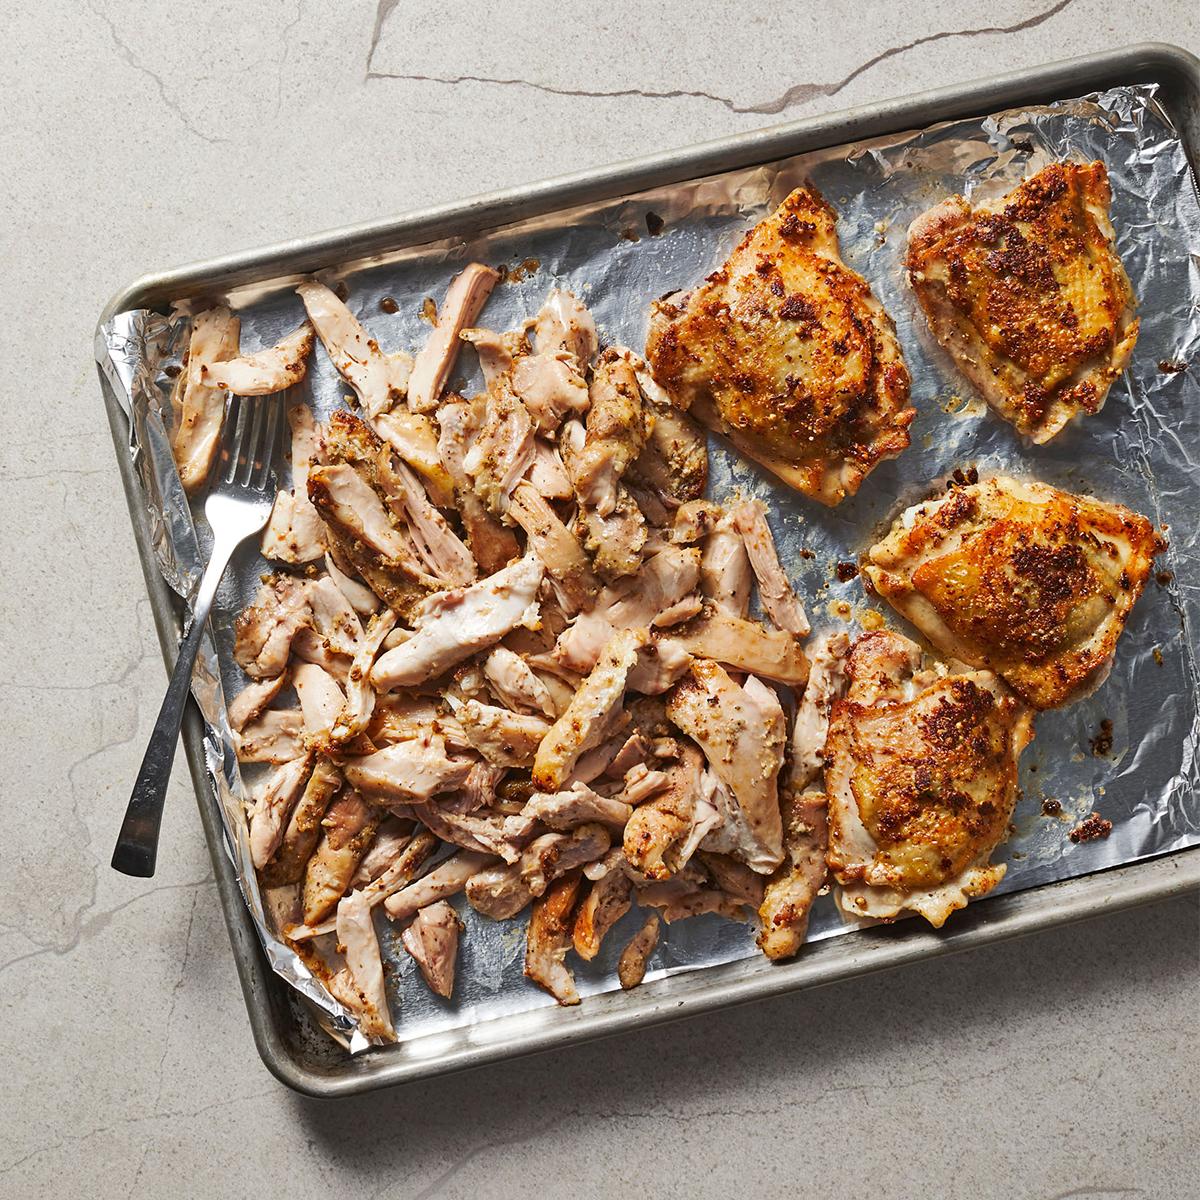 garlic and coriander roasted chicken